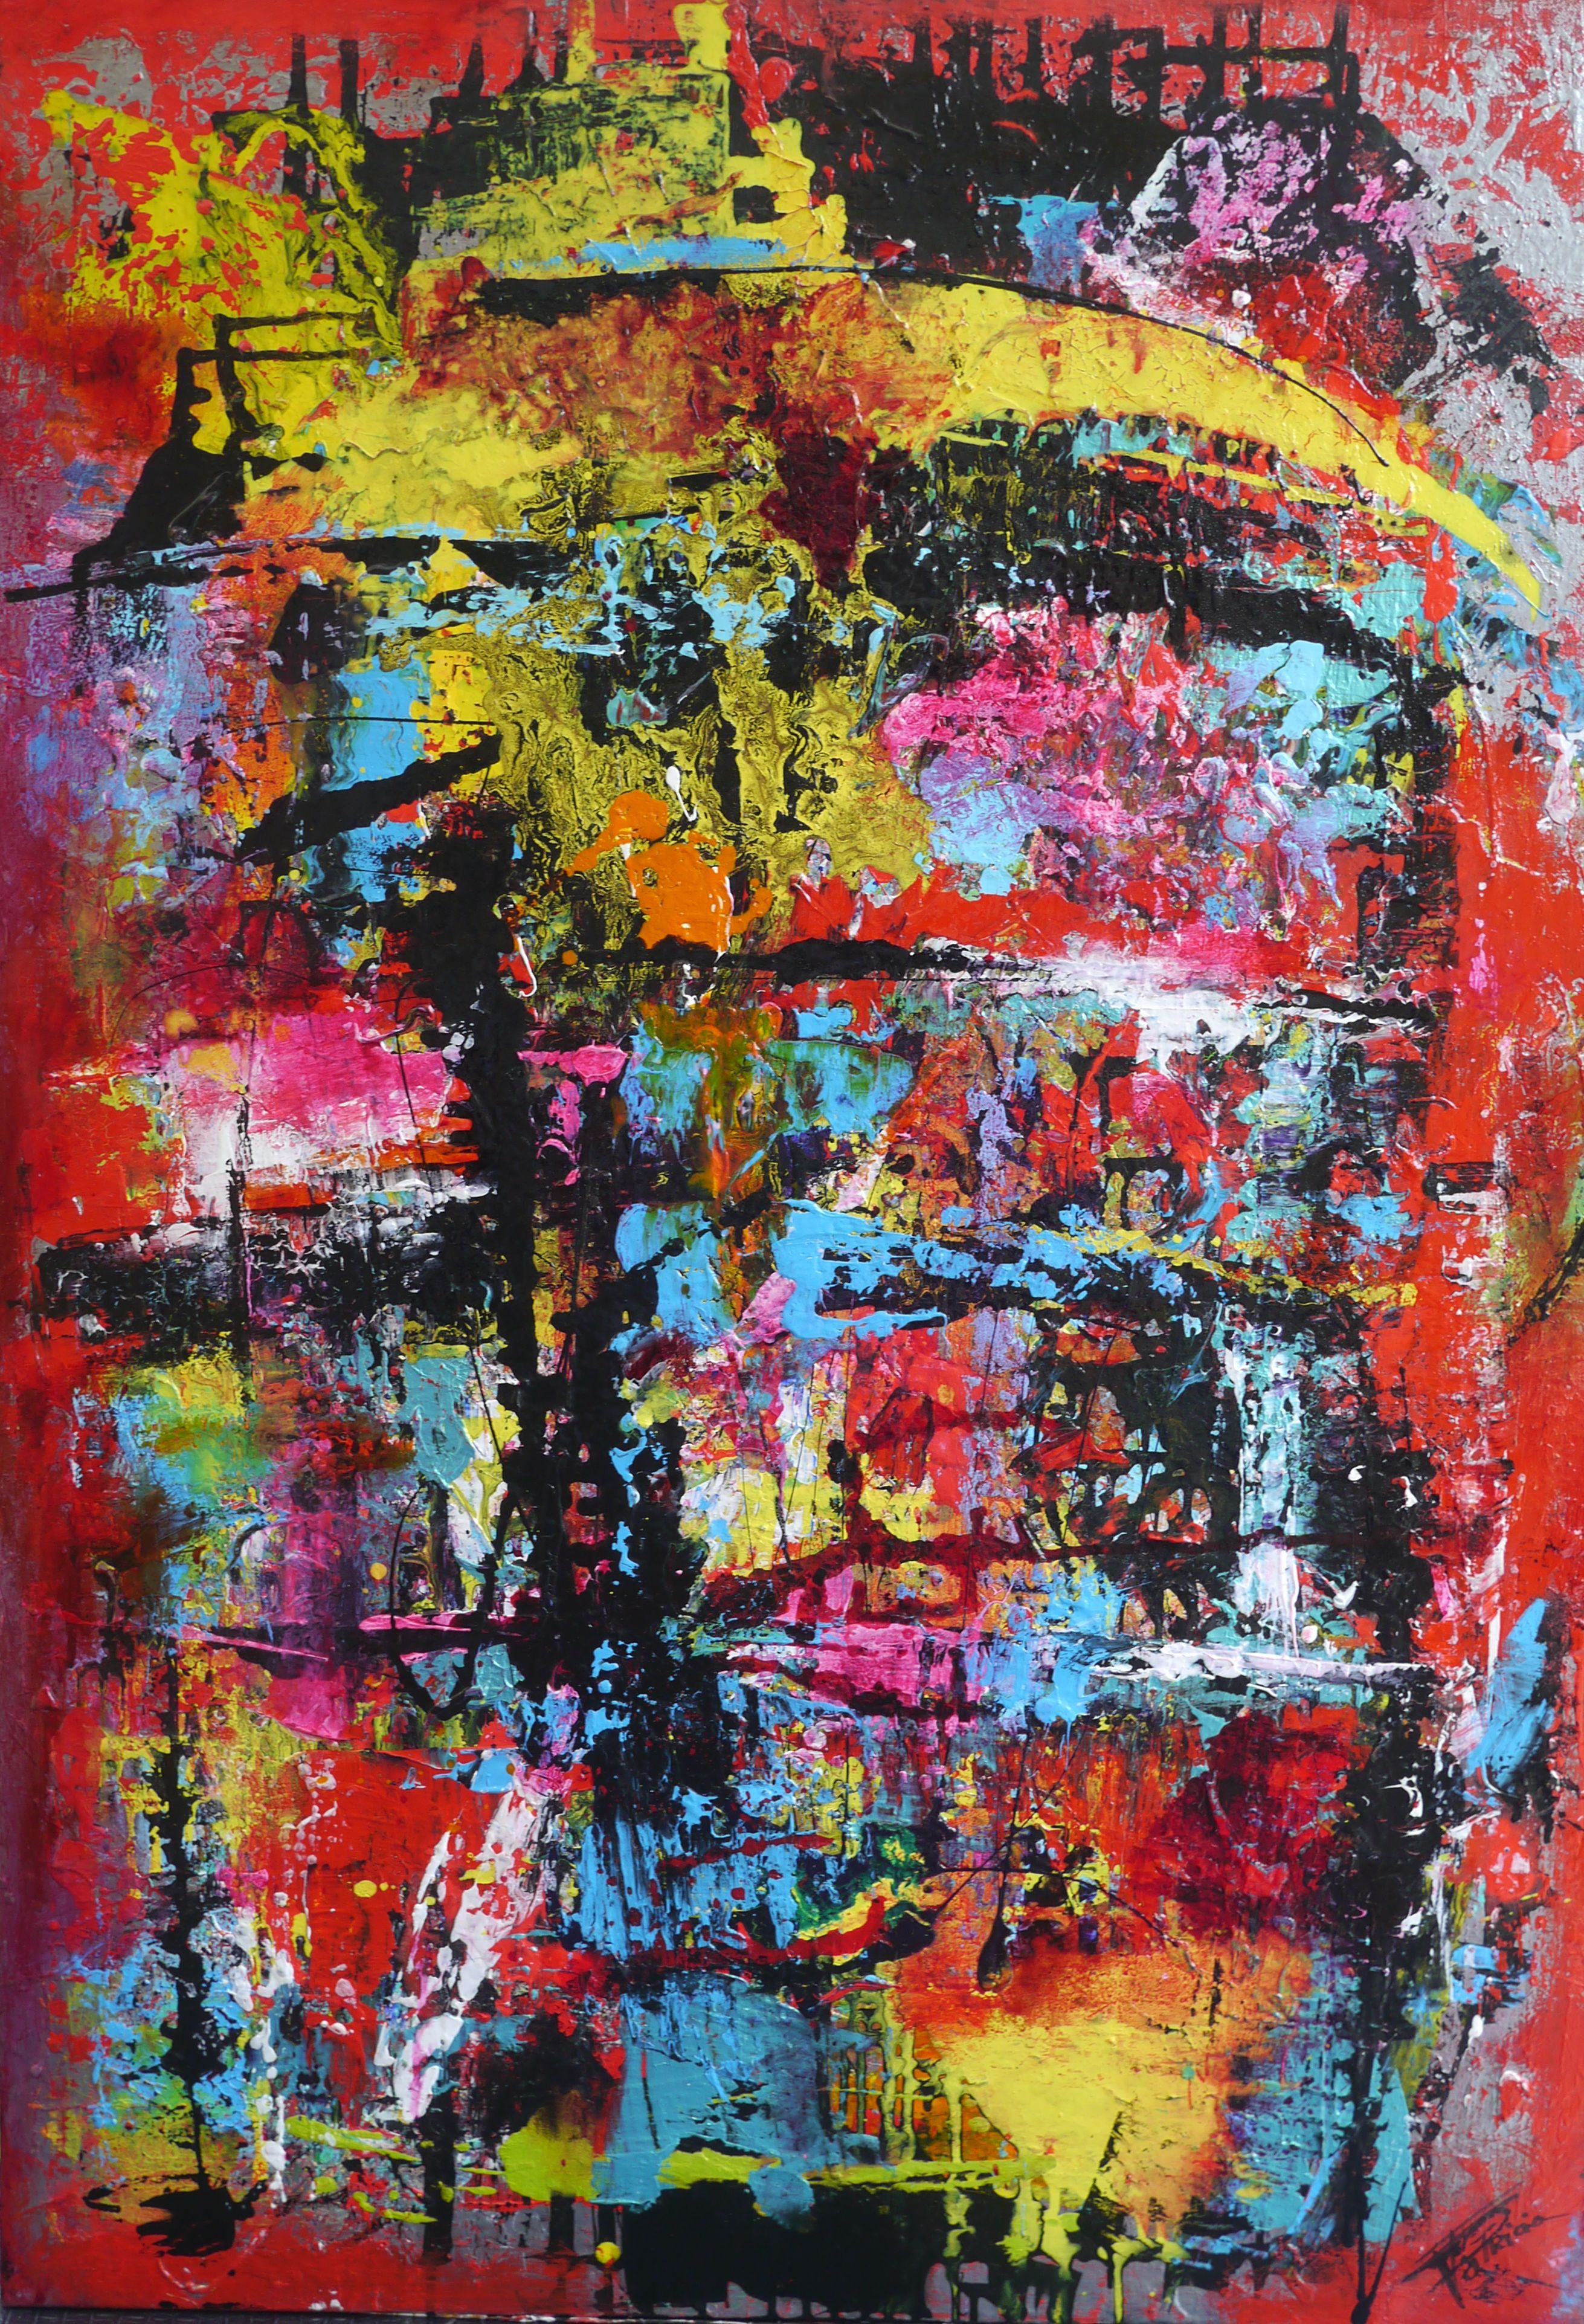 Peinture, Art Abstrait  Technique Acrylique, Vitrail & Glyc Ro